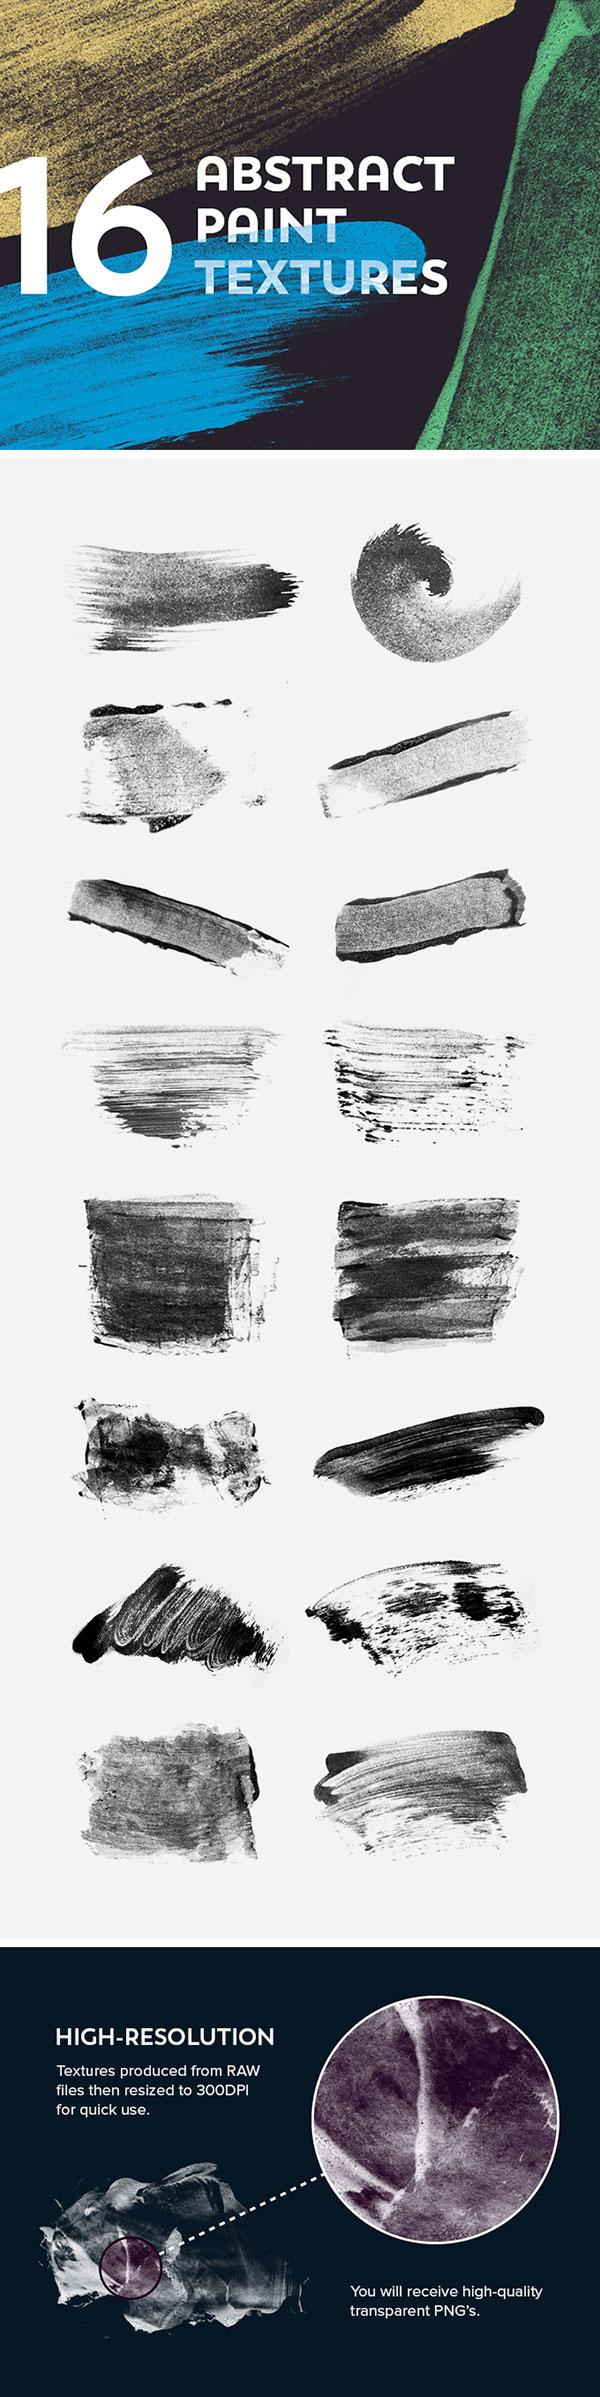 自然水彩抽象纹理